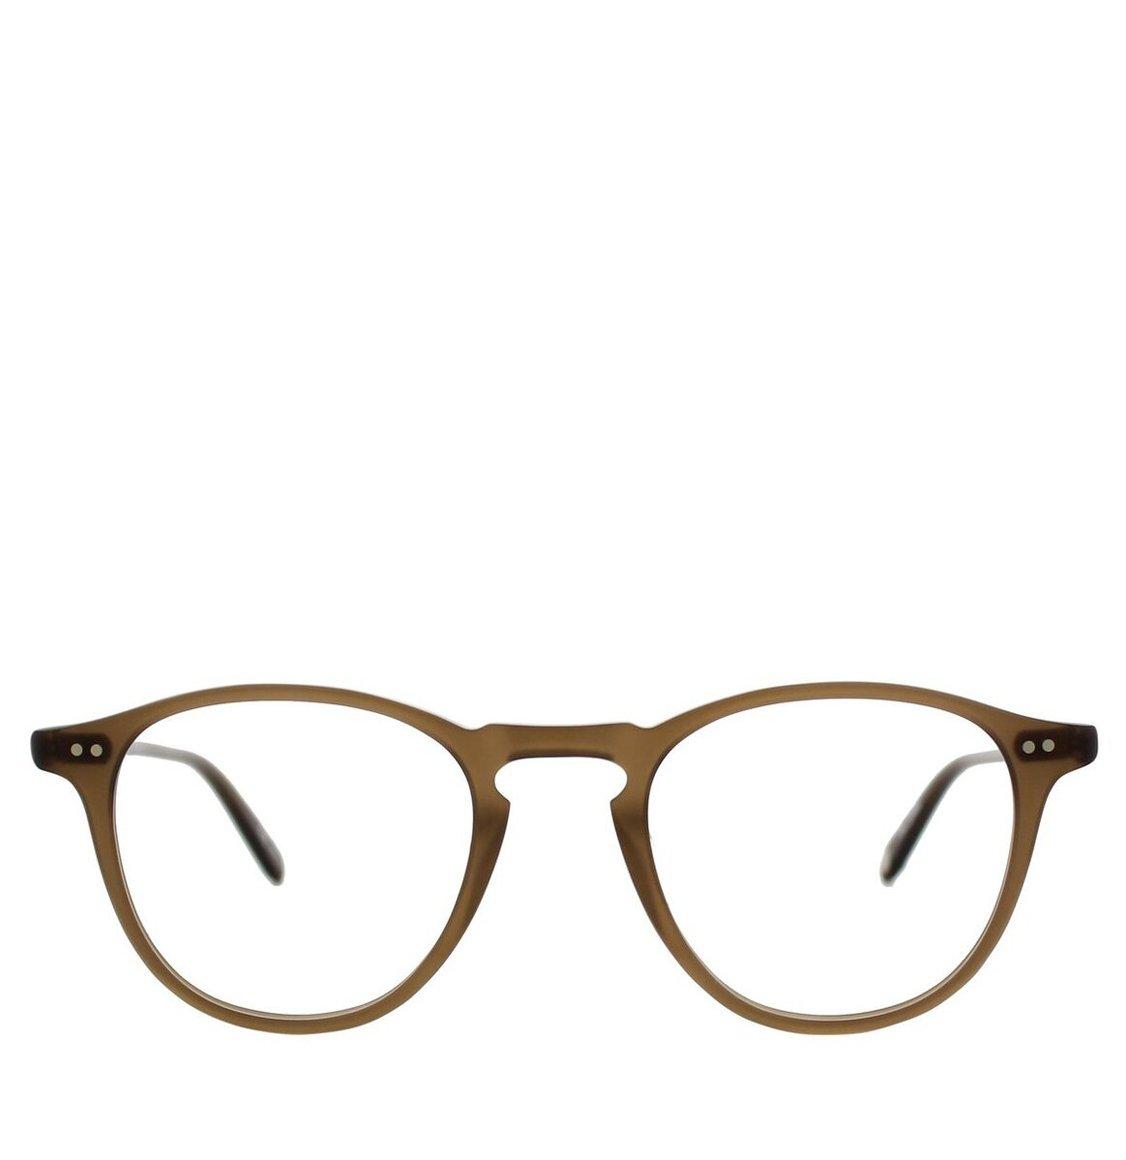 Garrett Leight Square Matte Espresso Acetate Γυαλιά Οράσεως